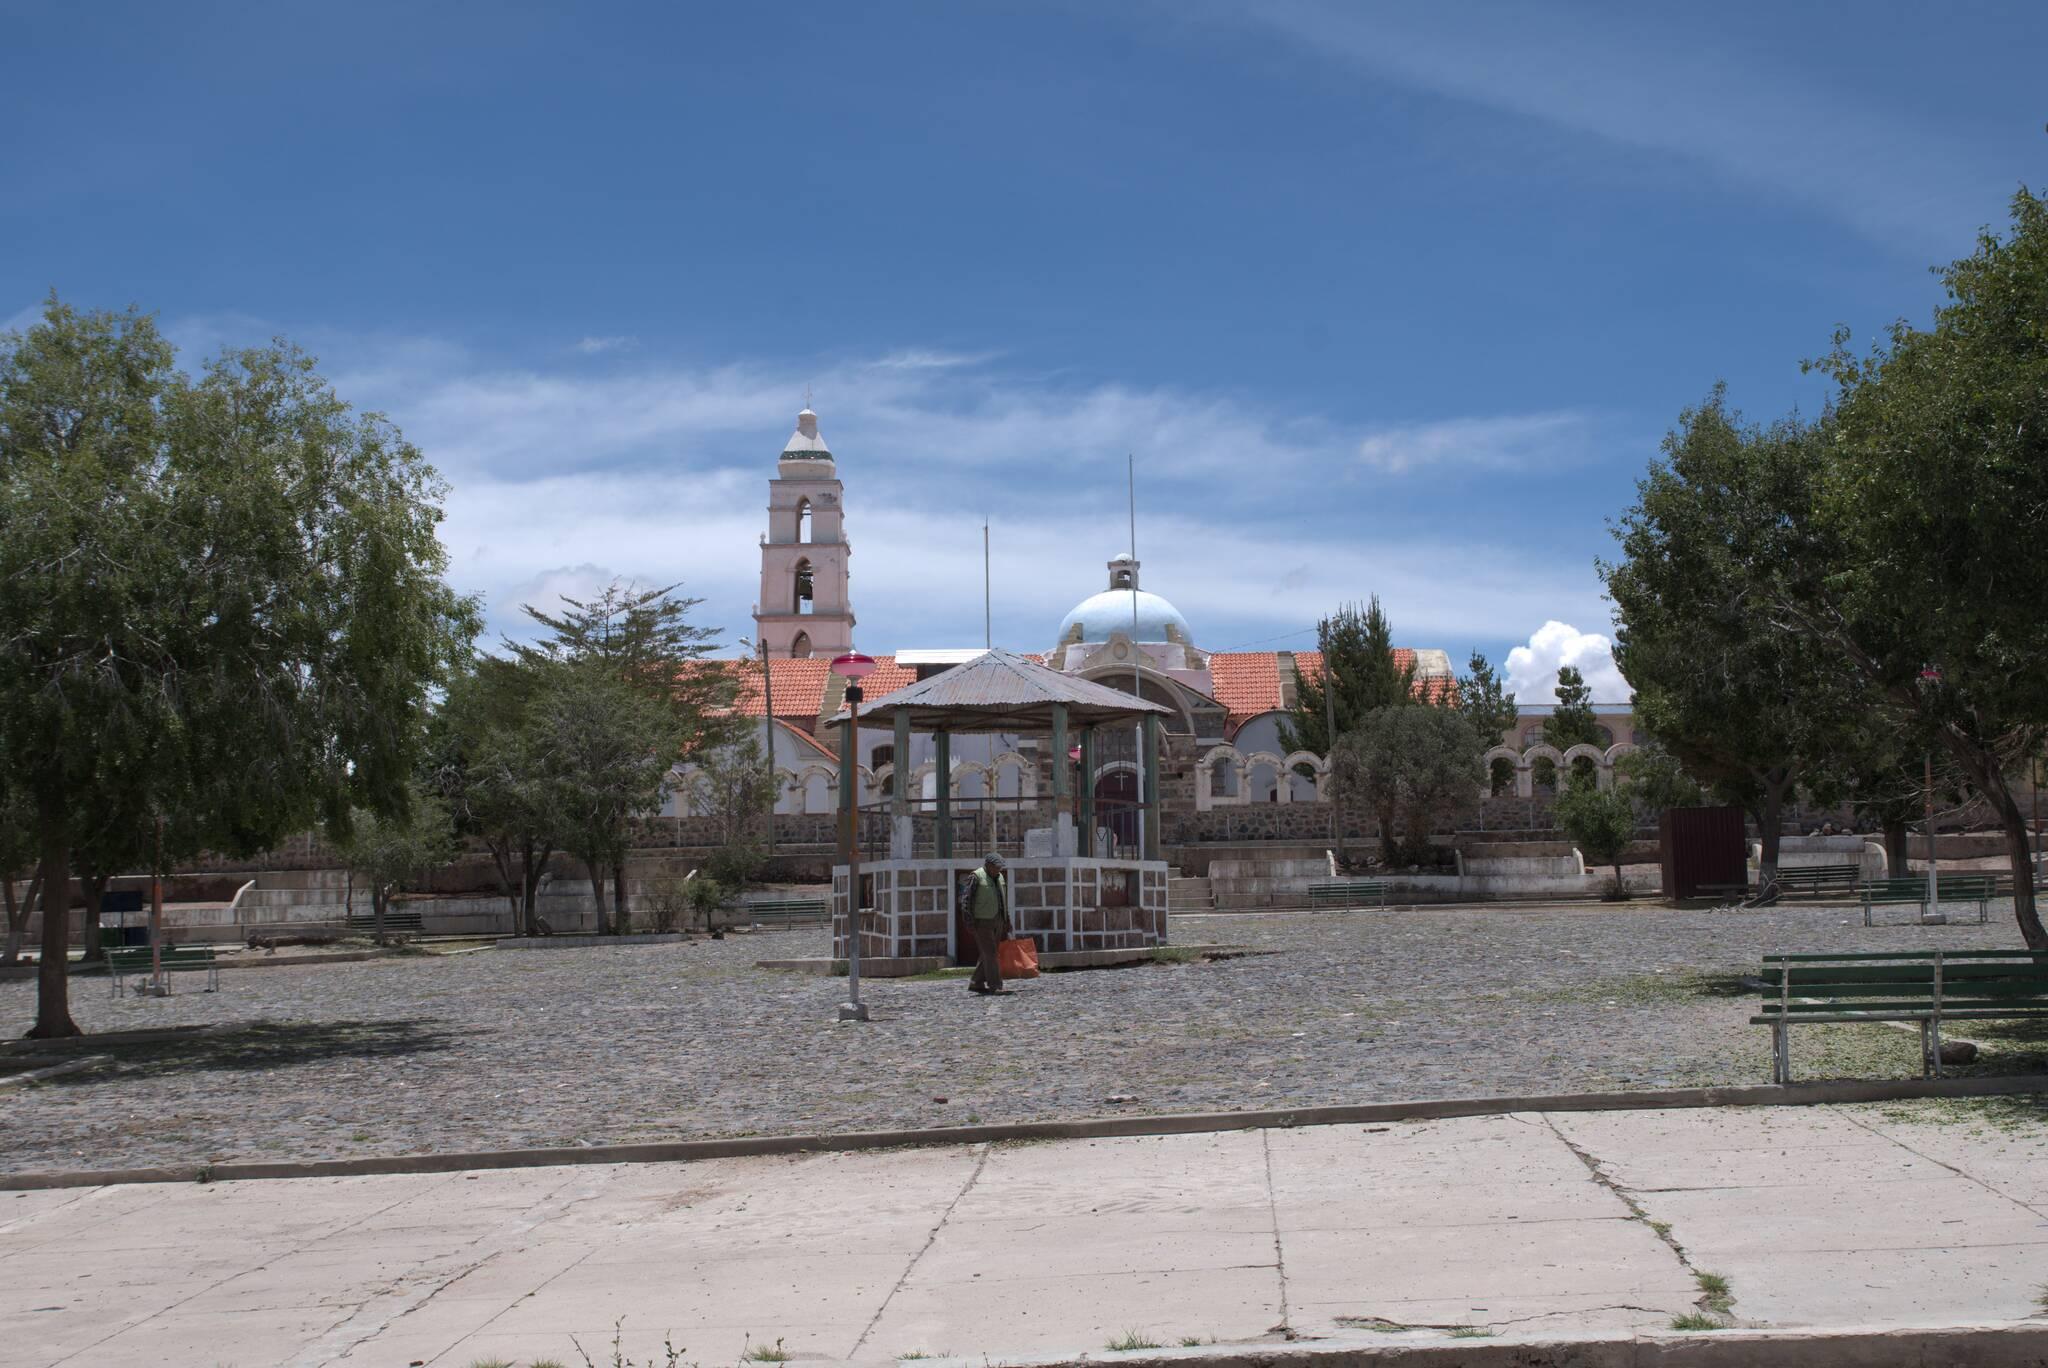 Sanktuarium Quillacas. Wbrew pozorom, horyzont jest wypoziomowany, to miejscowość jest na wzgórzu